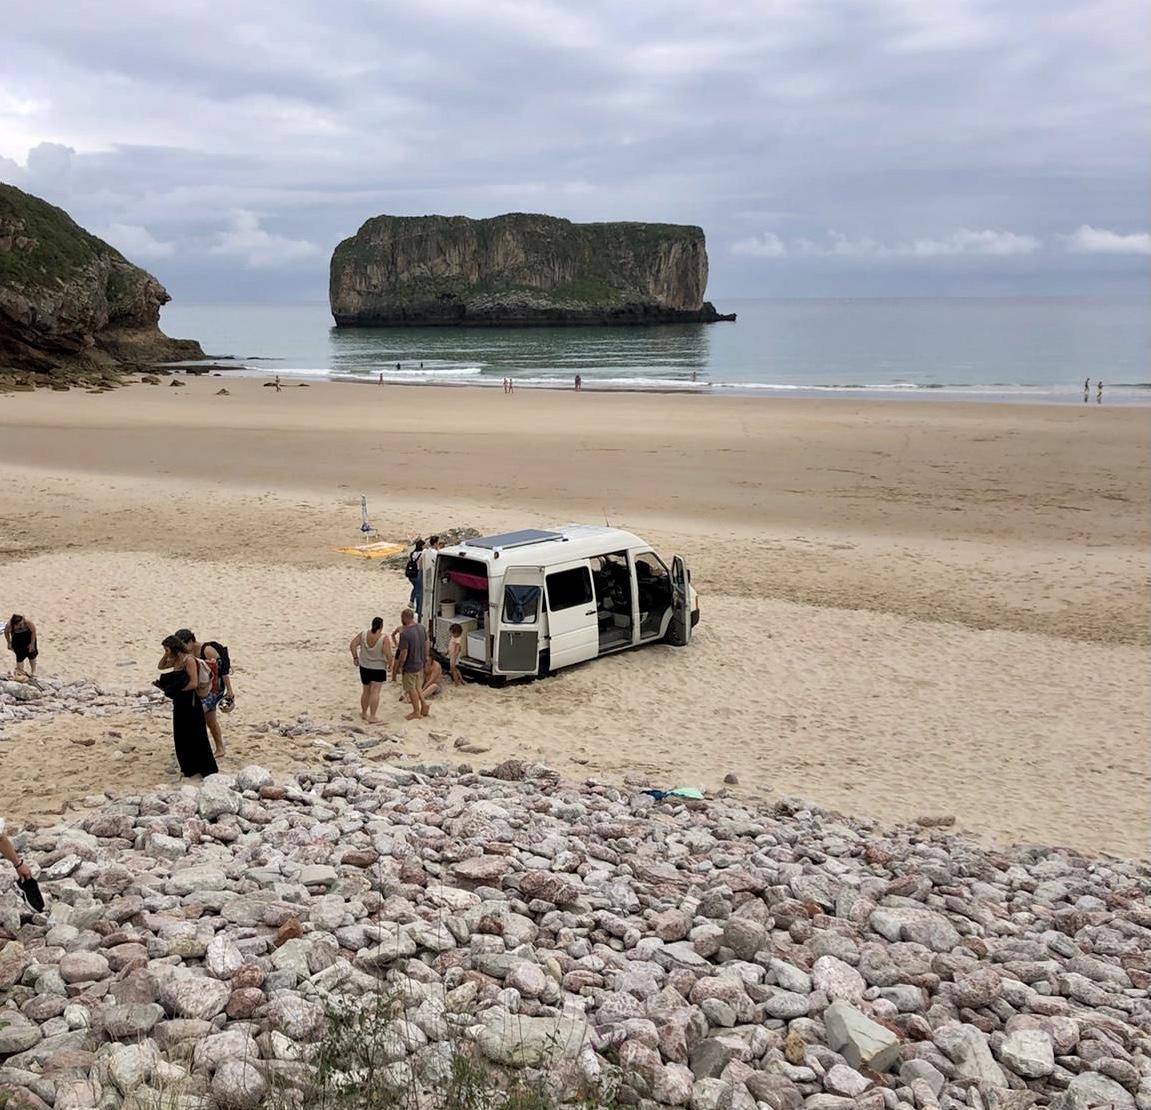 Una autocaravana se queda bloqueada en la arena de la playa de Andrín en Llanes